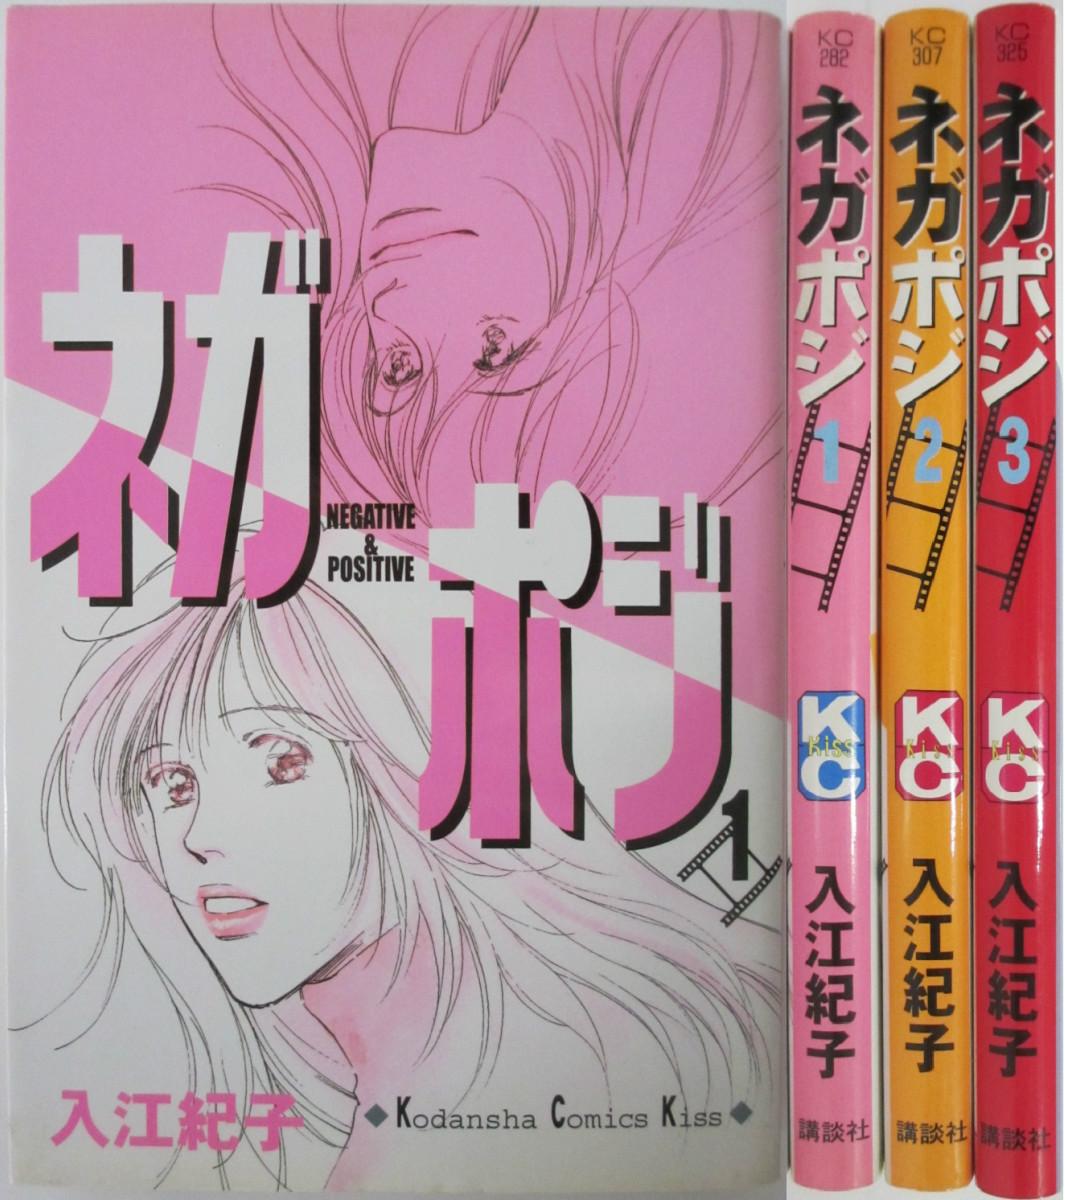 中古 ネガポジ 全巻セット 1-3巻 低価格化 年末年始大決算 入江紀子